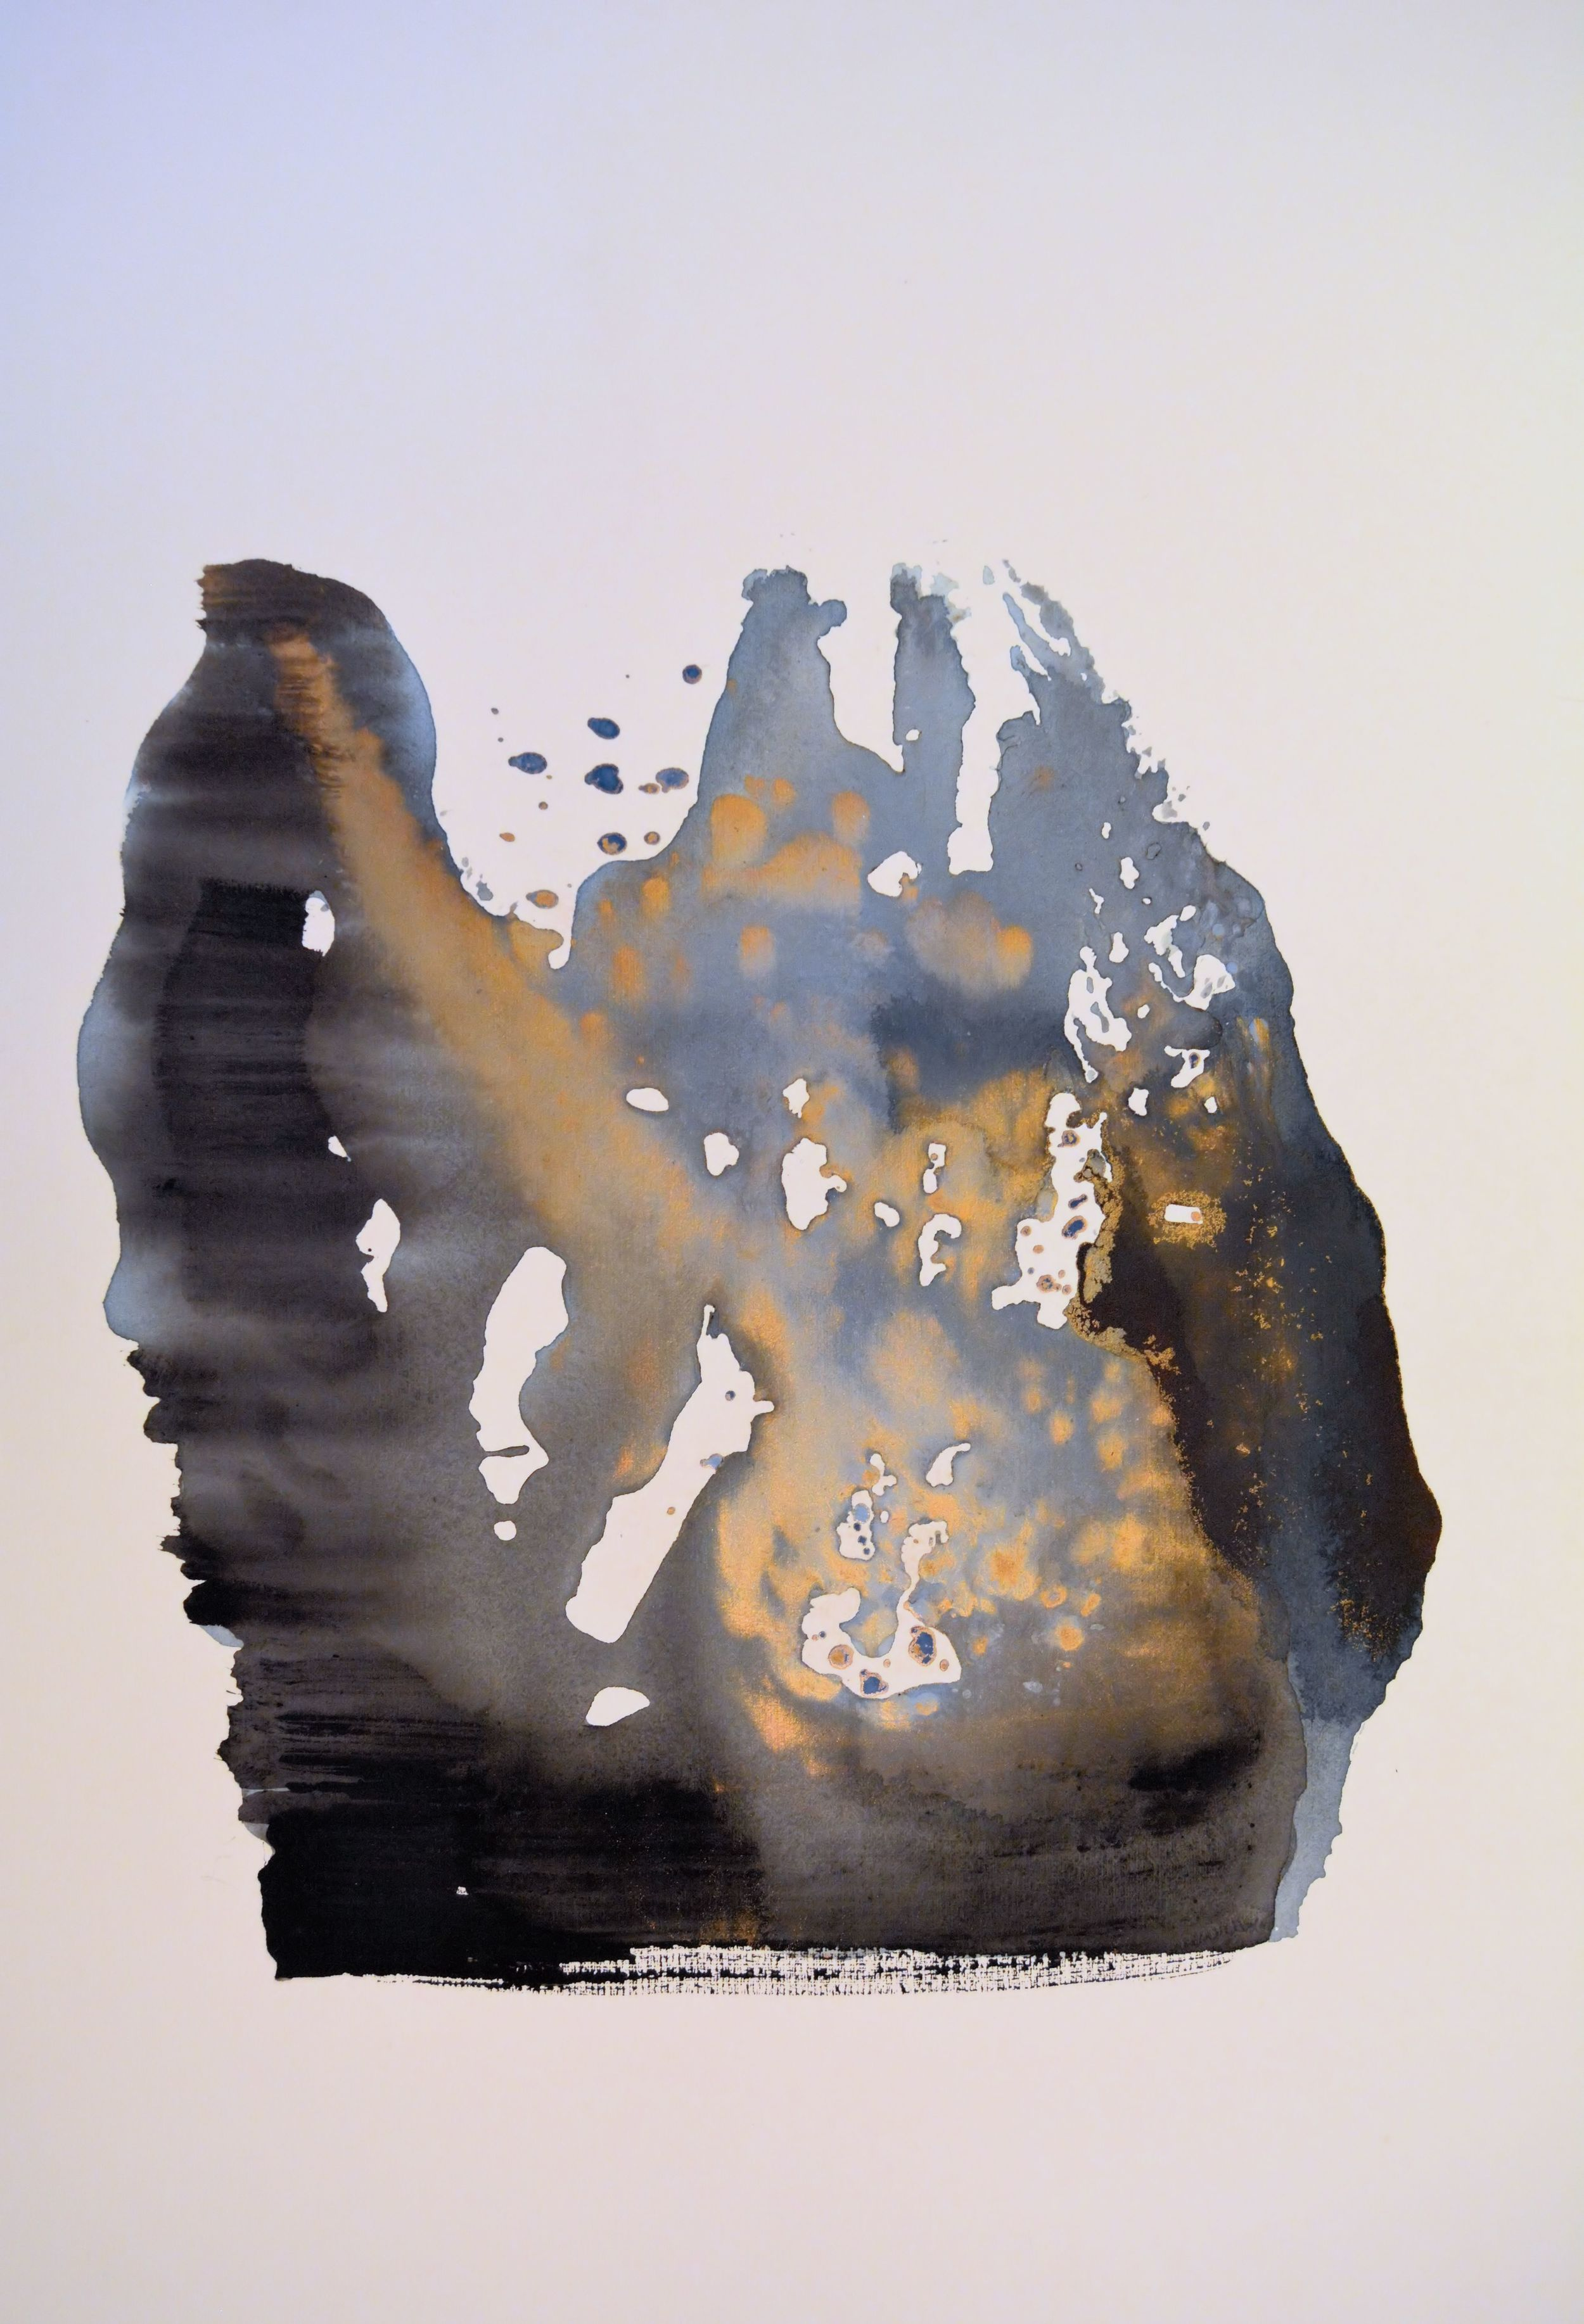 senza titolo, 1991,tempera acrilica su carta Fabriano, cm 57 x 76  untitled,1991, acrylic tempera on Fabriano paper, cm 57 x 76